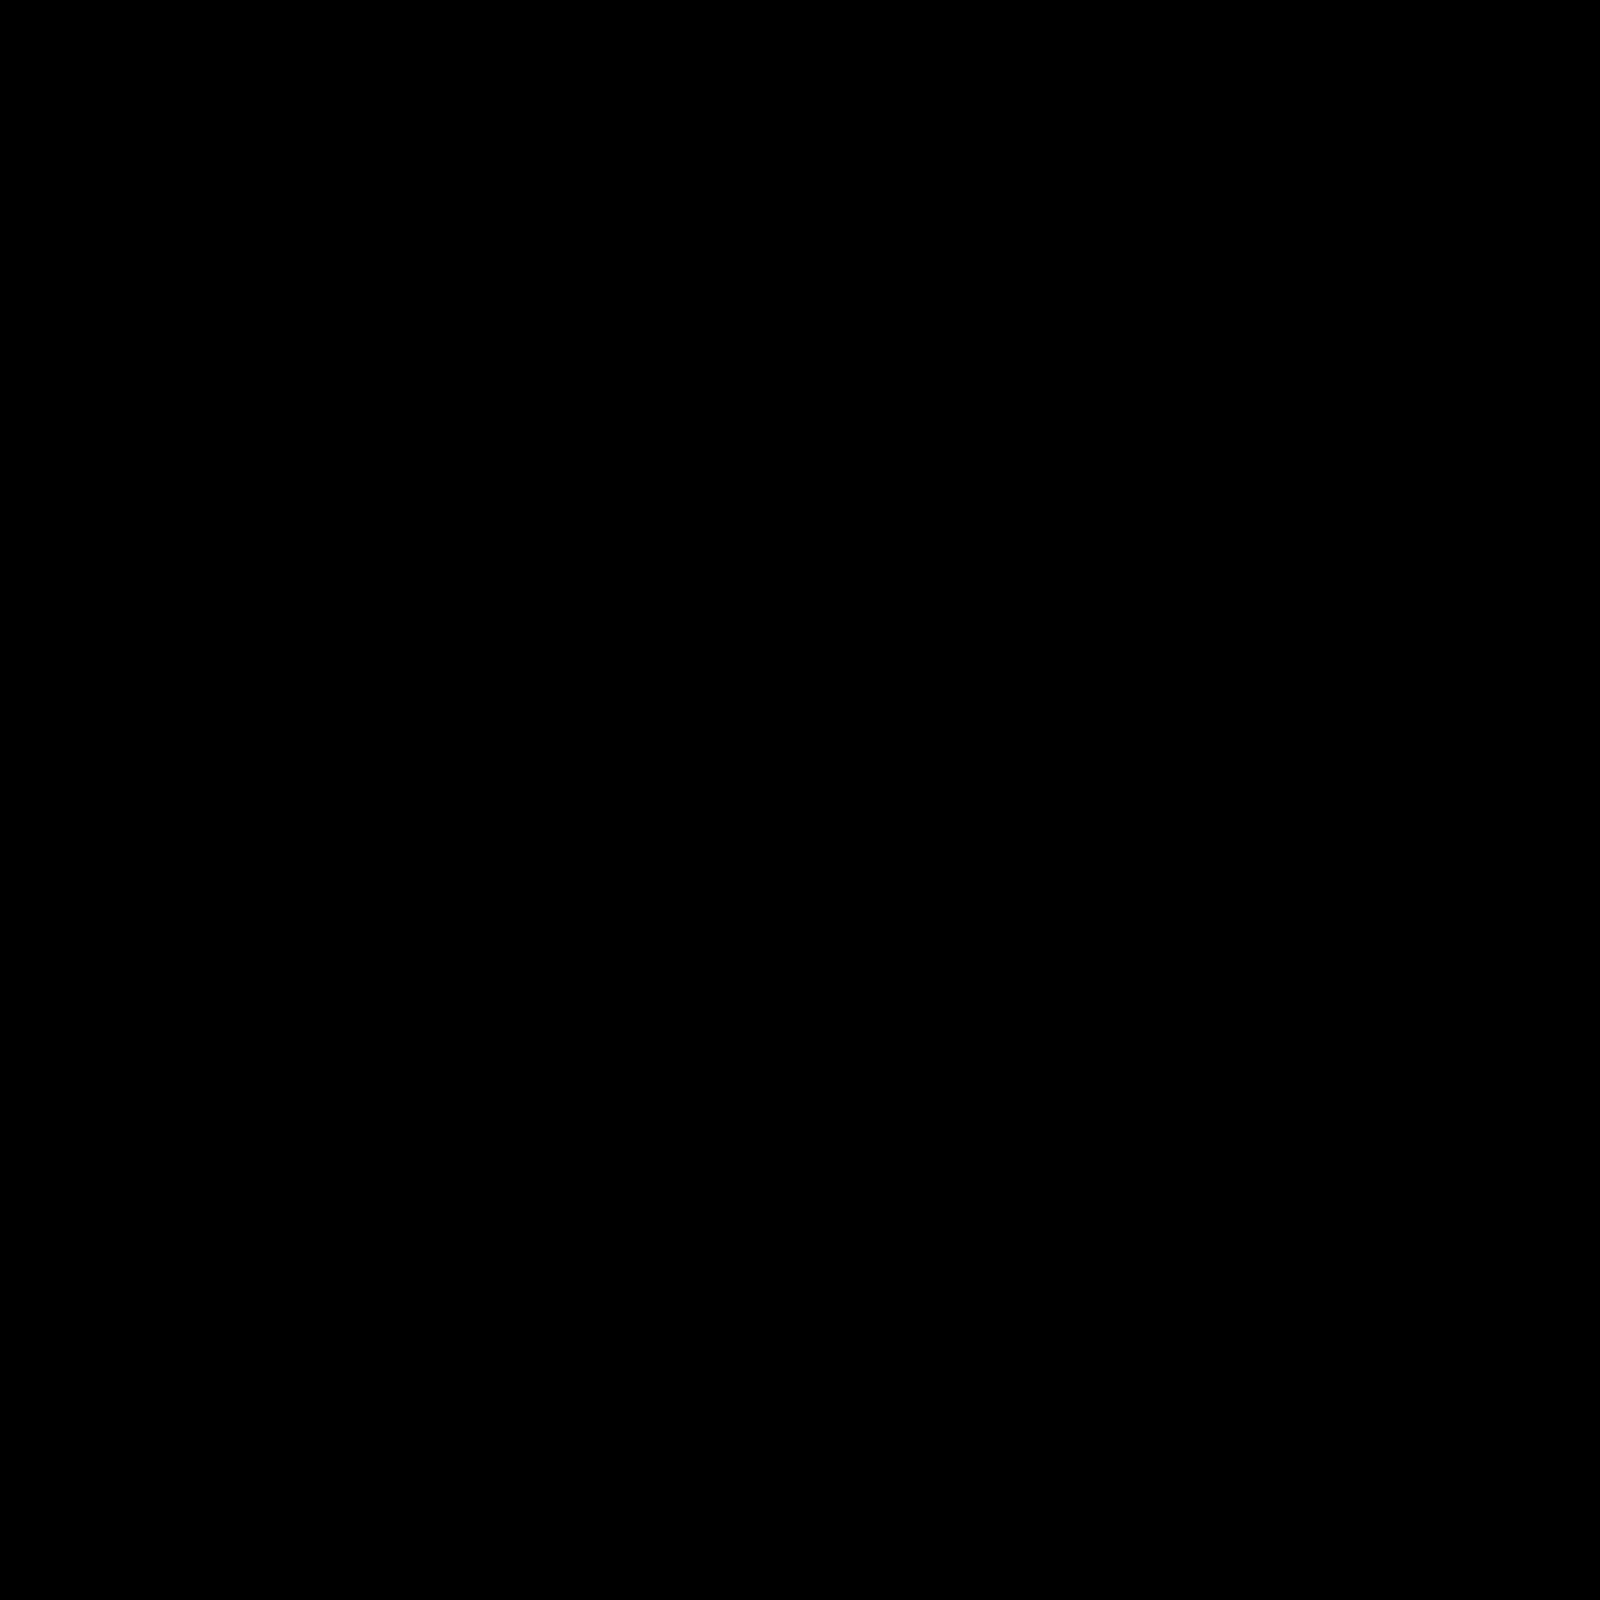 Походная аптечка icon